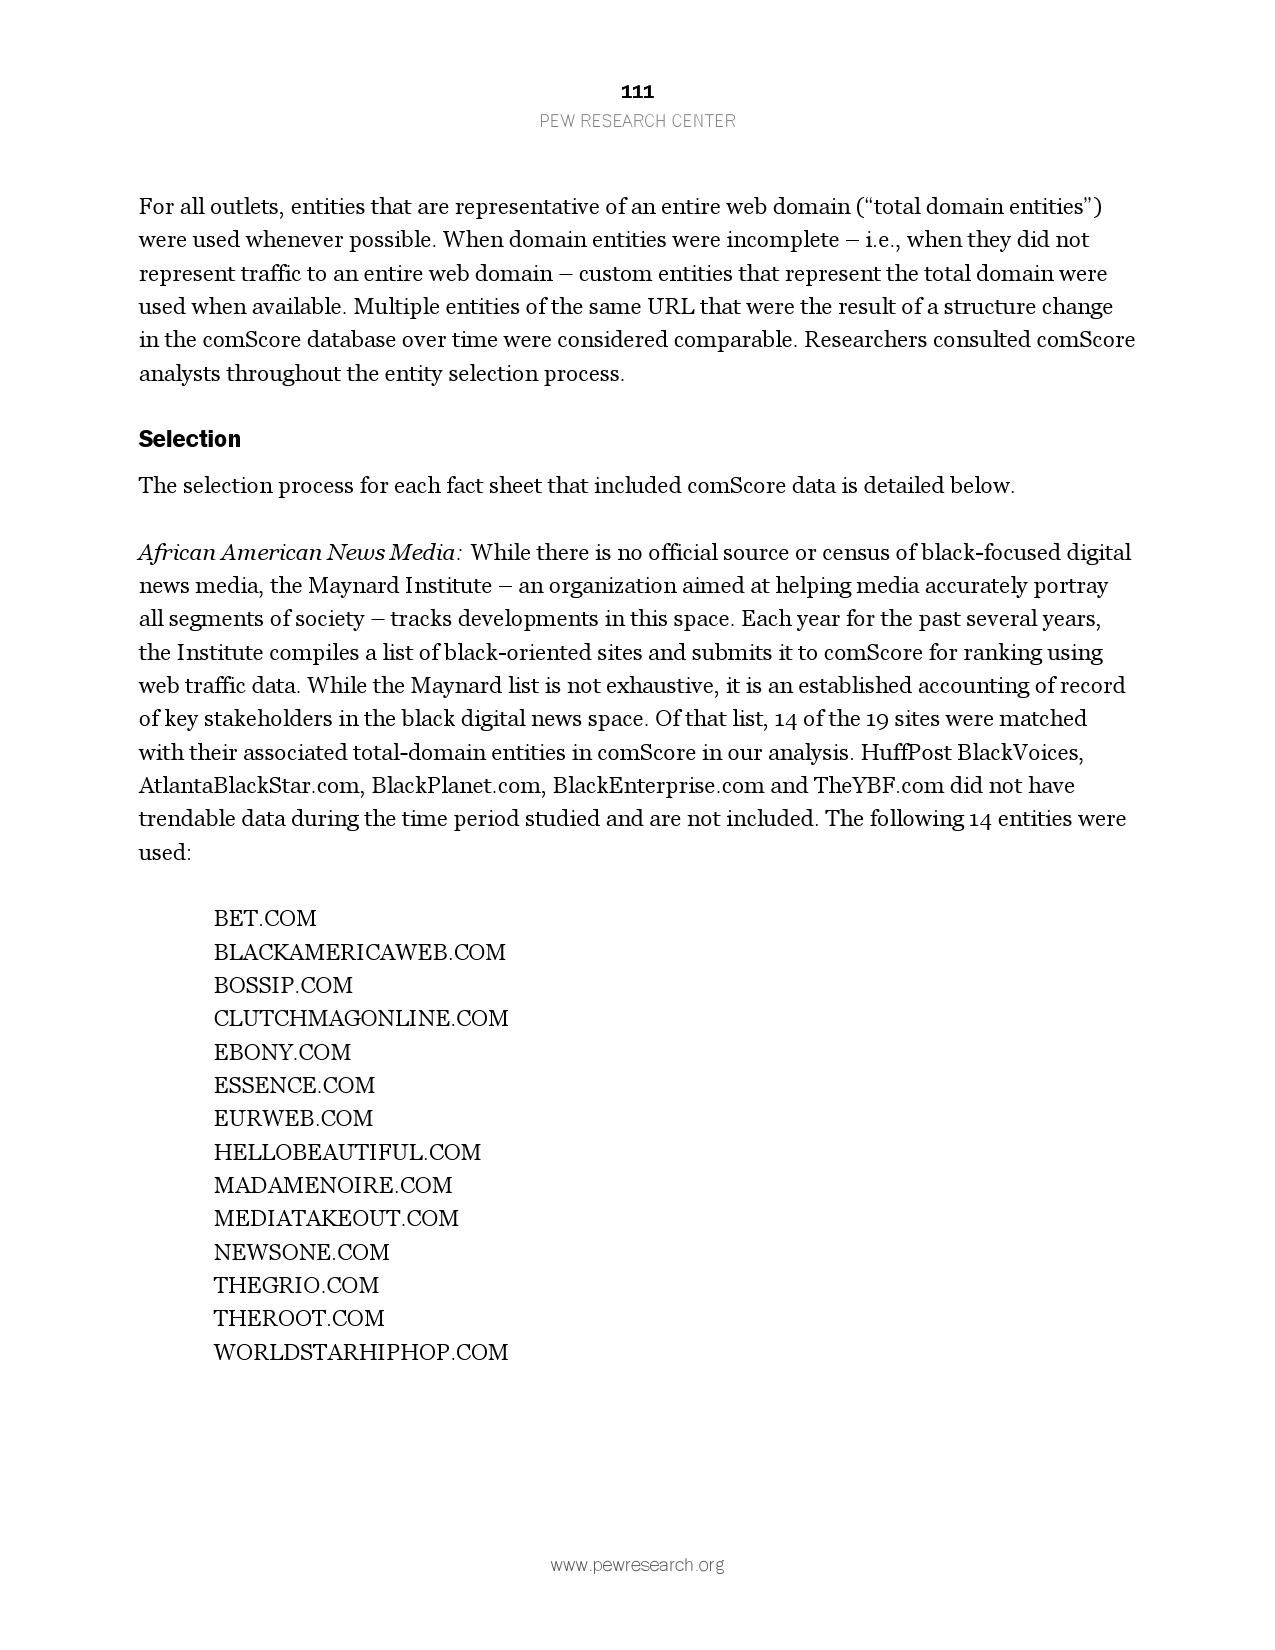 2016美国新媒体研究报告_000111